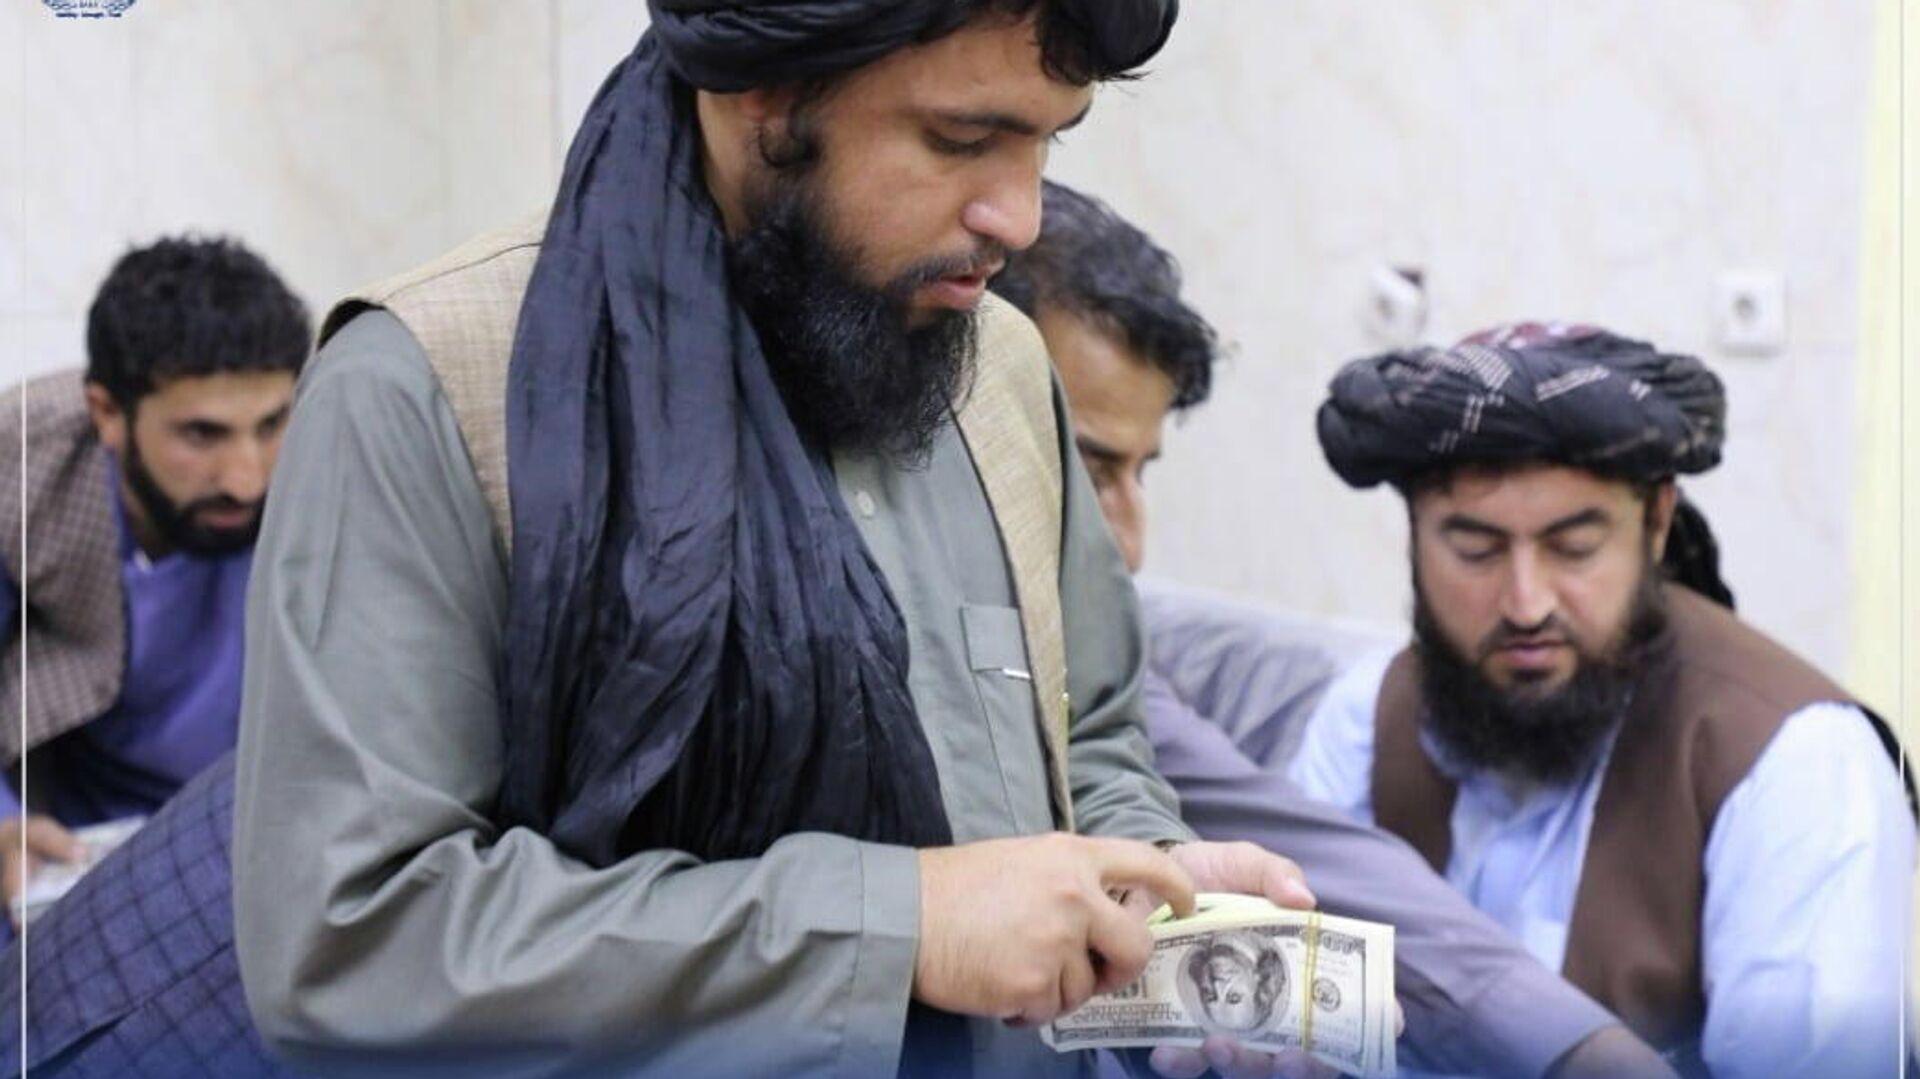 El Banco Central de Afganistán ingresa $12,3 millones apropiados por exfuncionarios - Sputnik Mundo, 1920, 11.10.2021